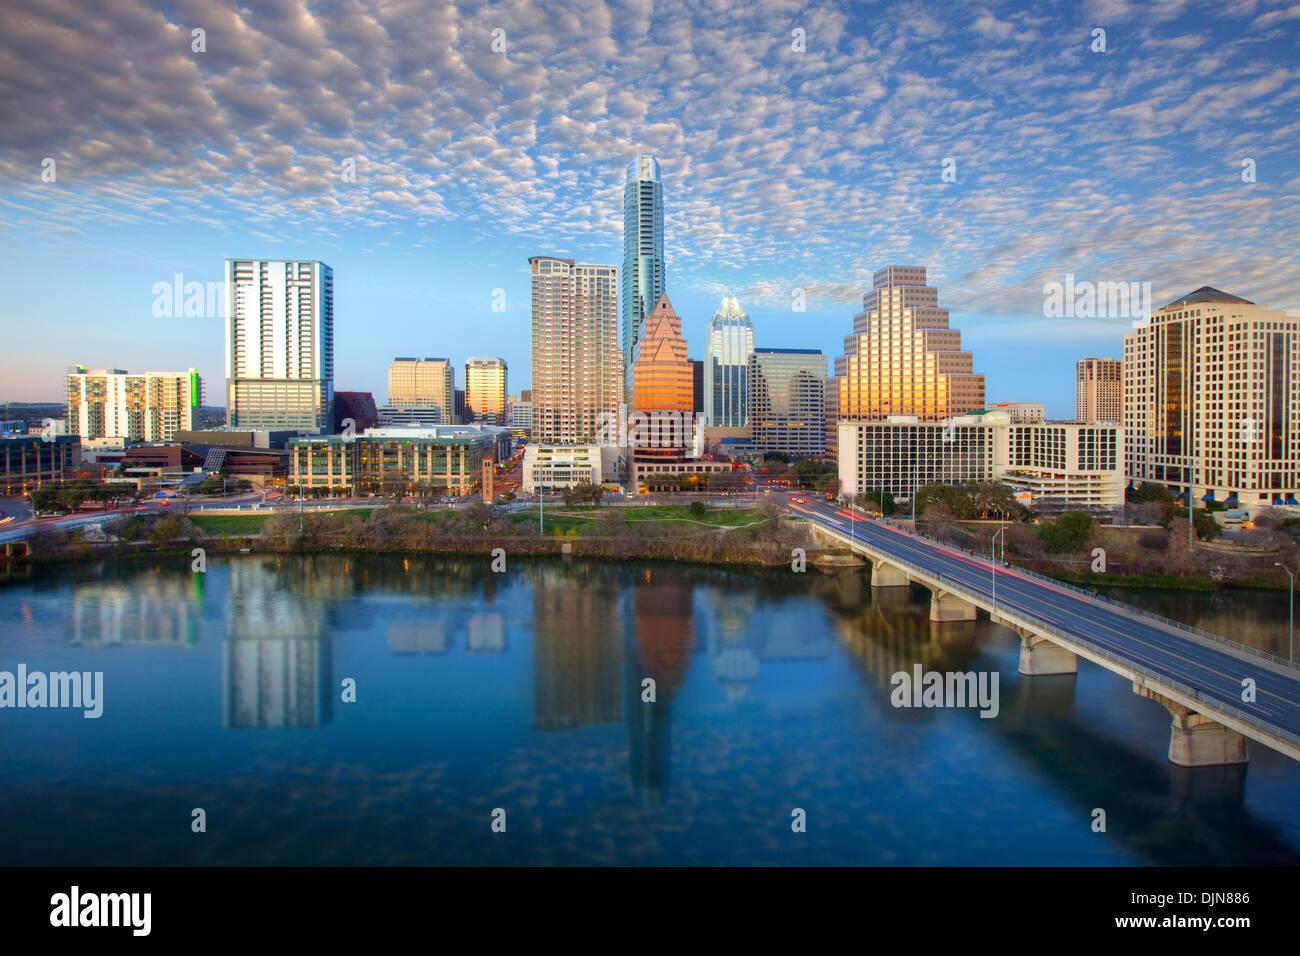 Die Skyline von Austin in Austin, Texas, scheint an einem späten Nachmittag. Die legendären Austin Hochhäuser Stockbild